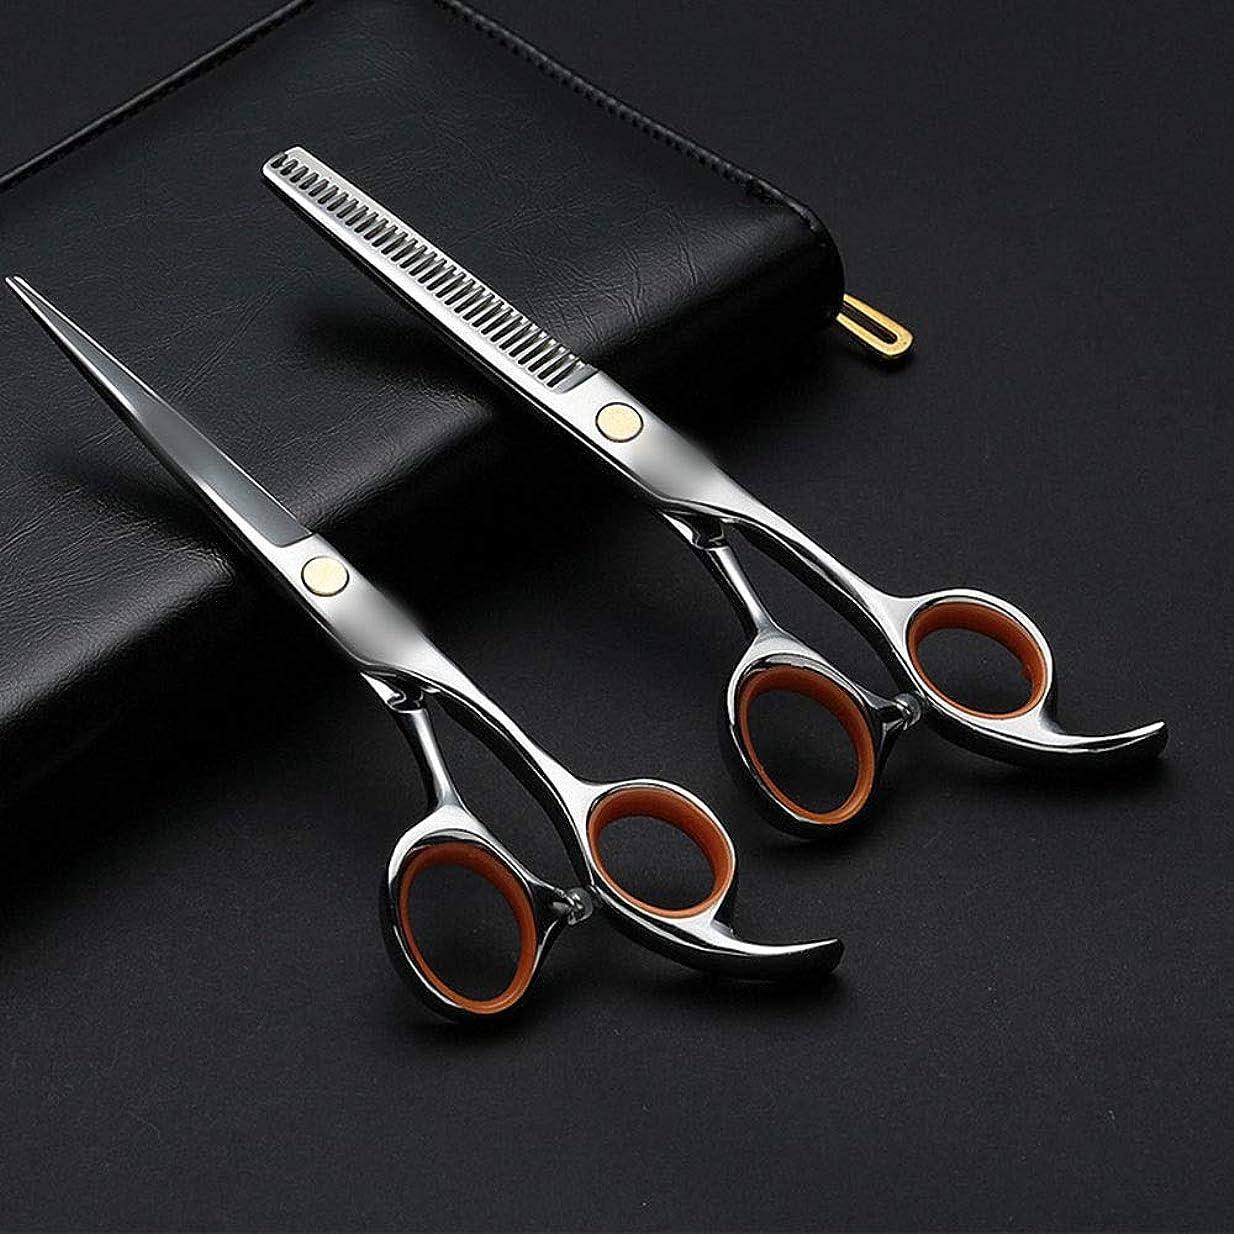 別れるセールナインへ6.0インチの専門の理髪はさみ、平らなシザー+歯はさみ理髪セット モデリングツール (色 : Silver)